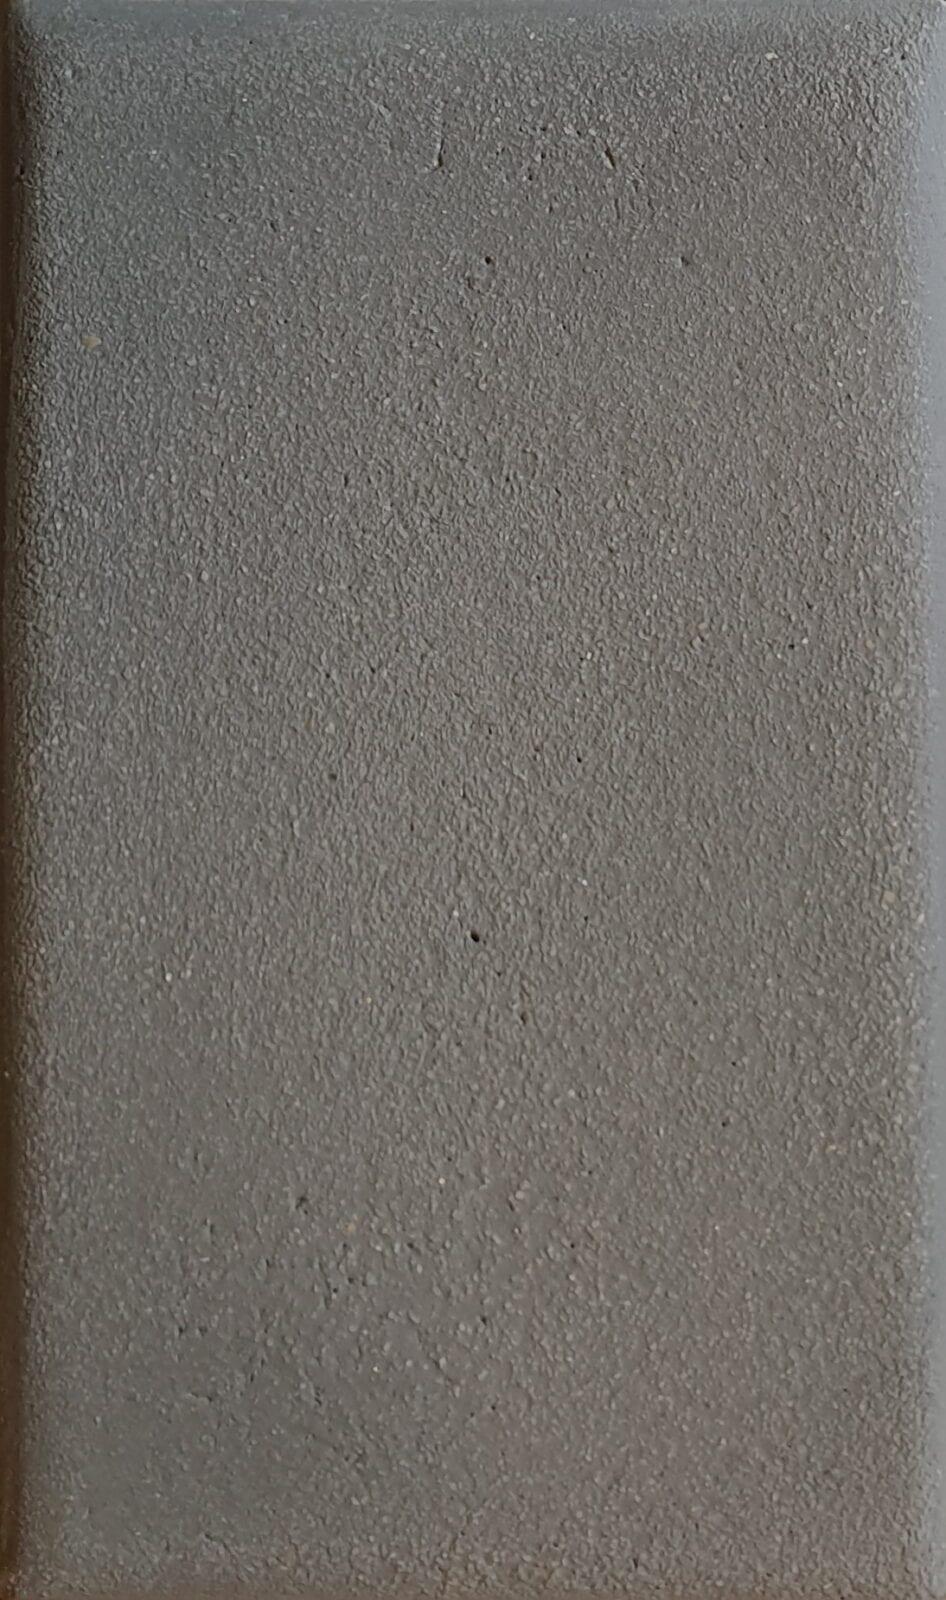 Gomera Finish 33% kleurleem leemstuc